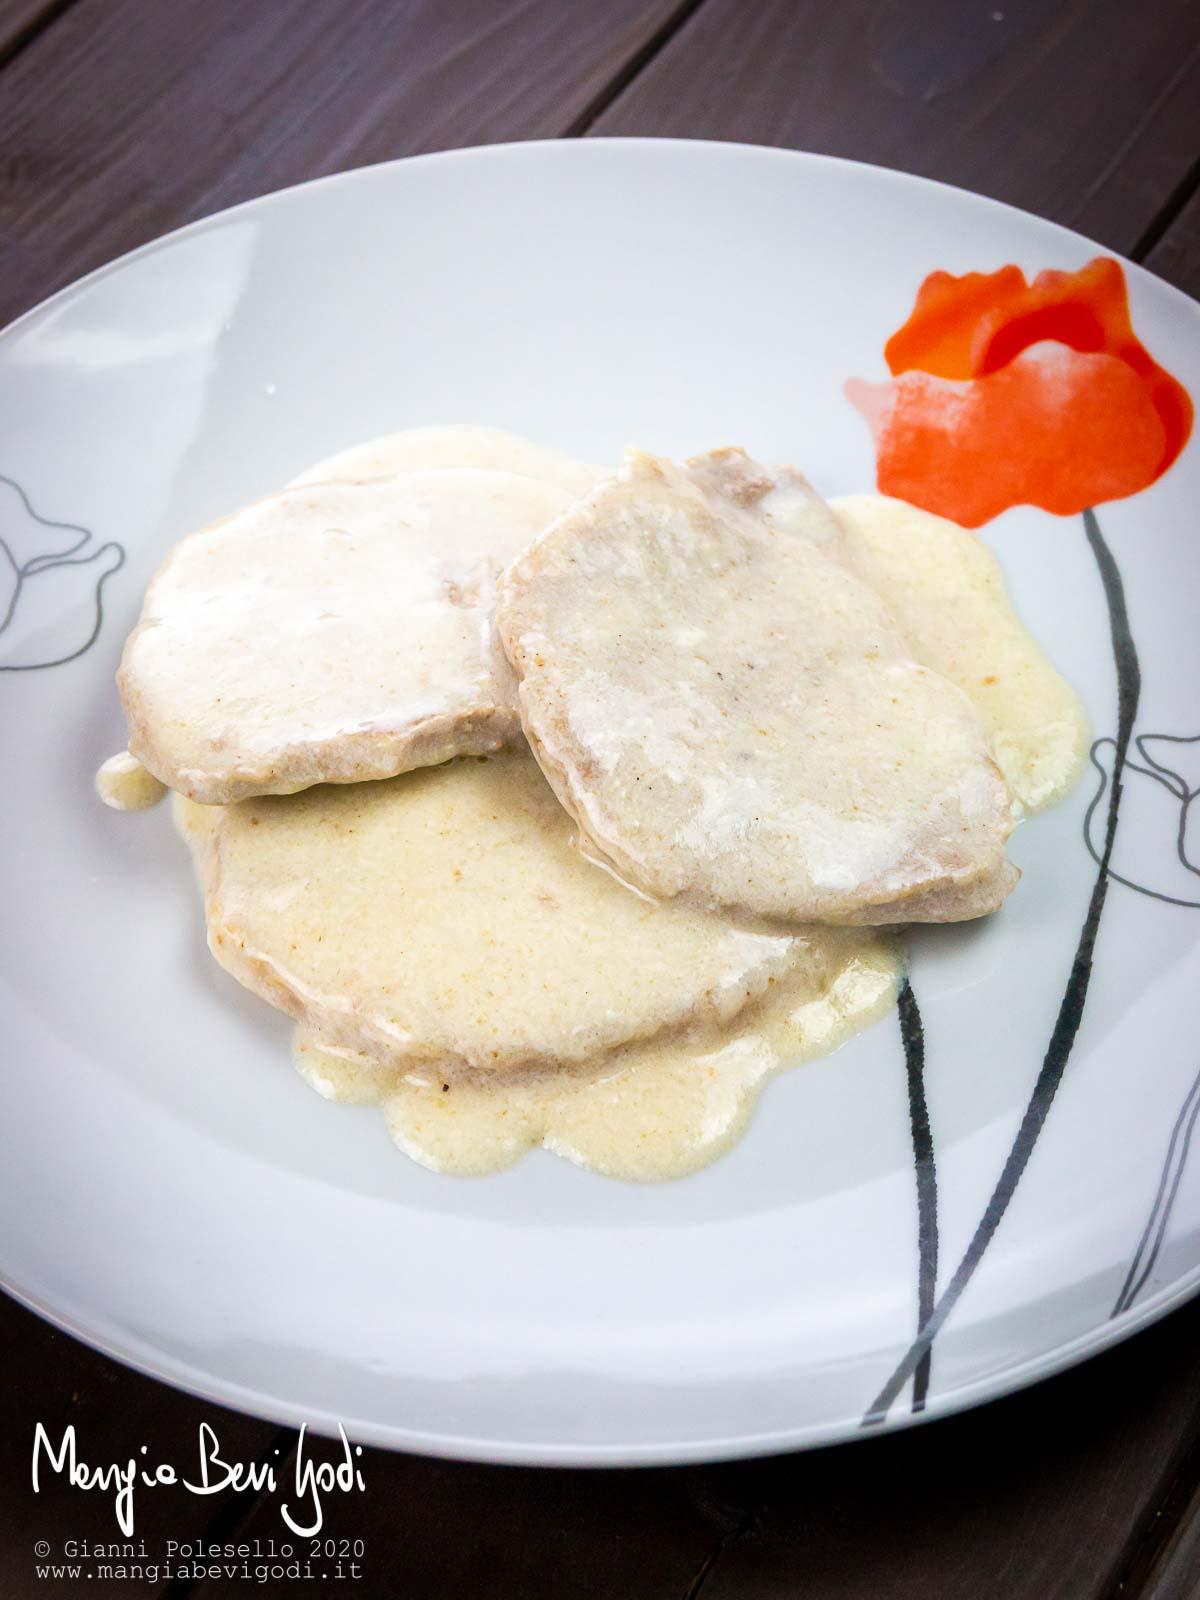 Lonza Di Maiale Al Latte Salvacena Mangia Bevi Godi Blog Di Cucina E Ricette